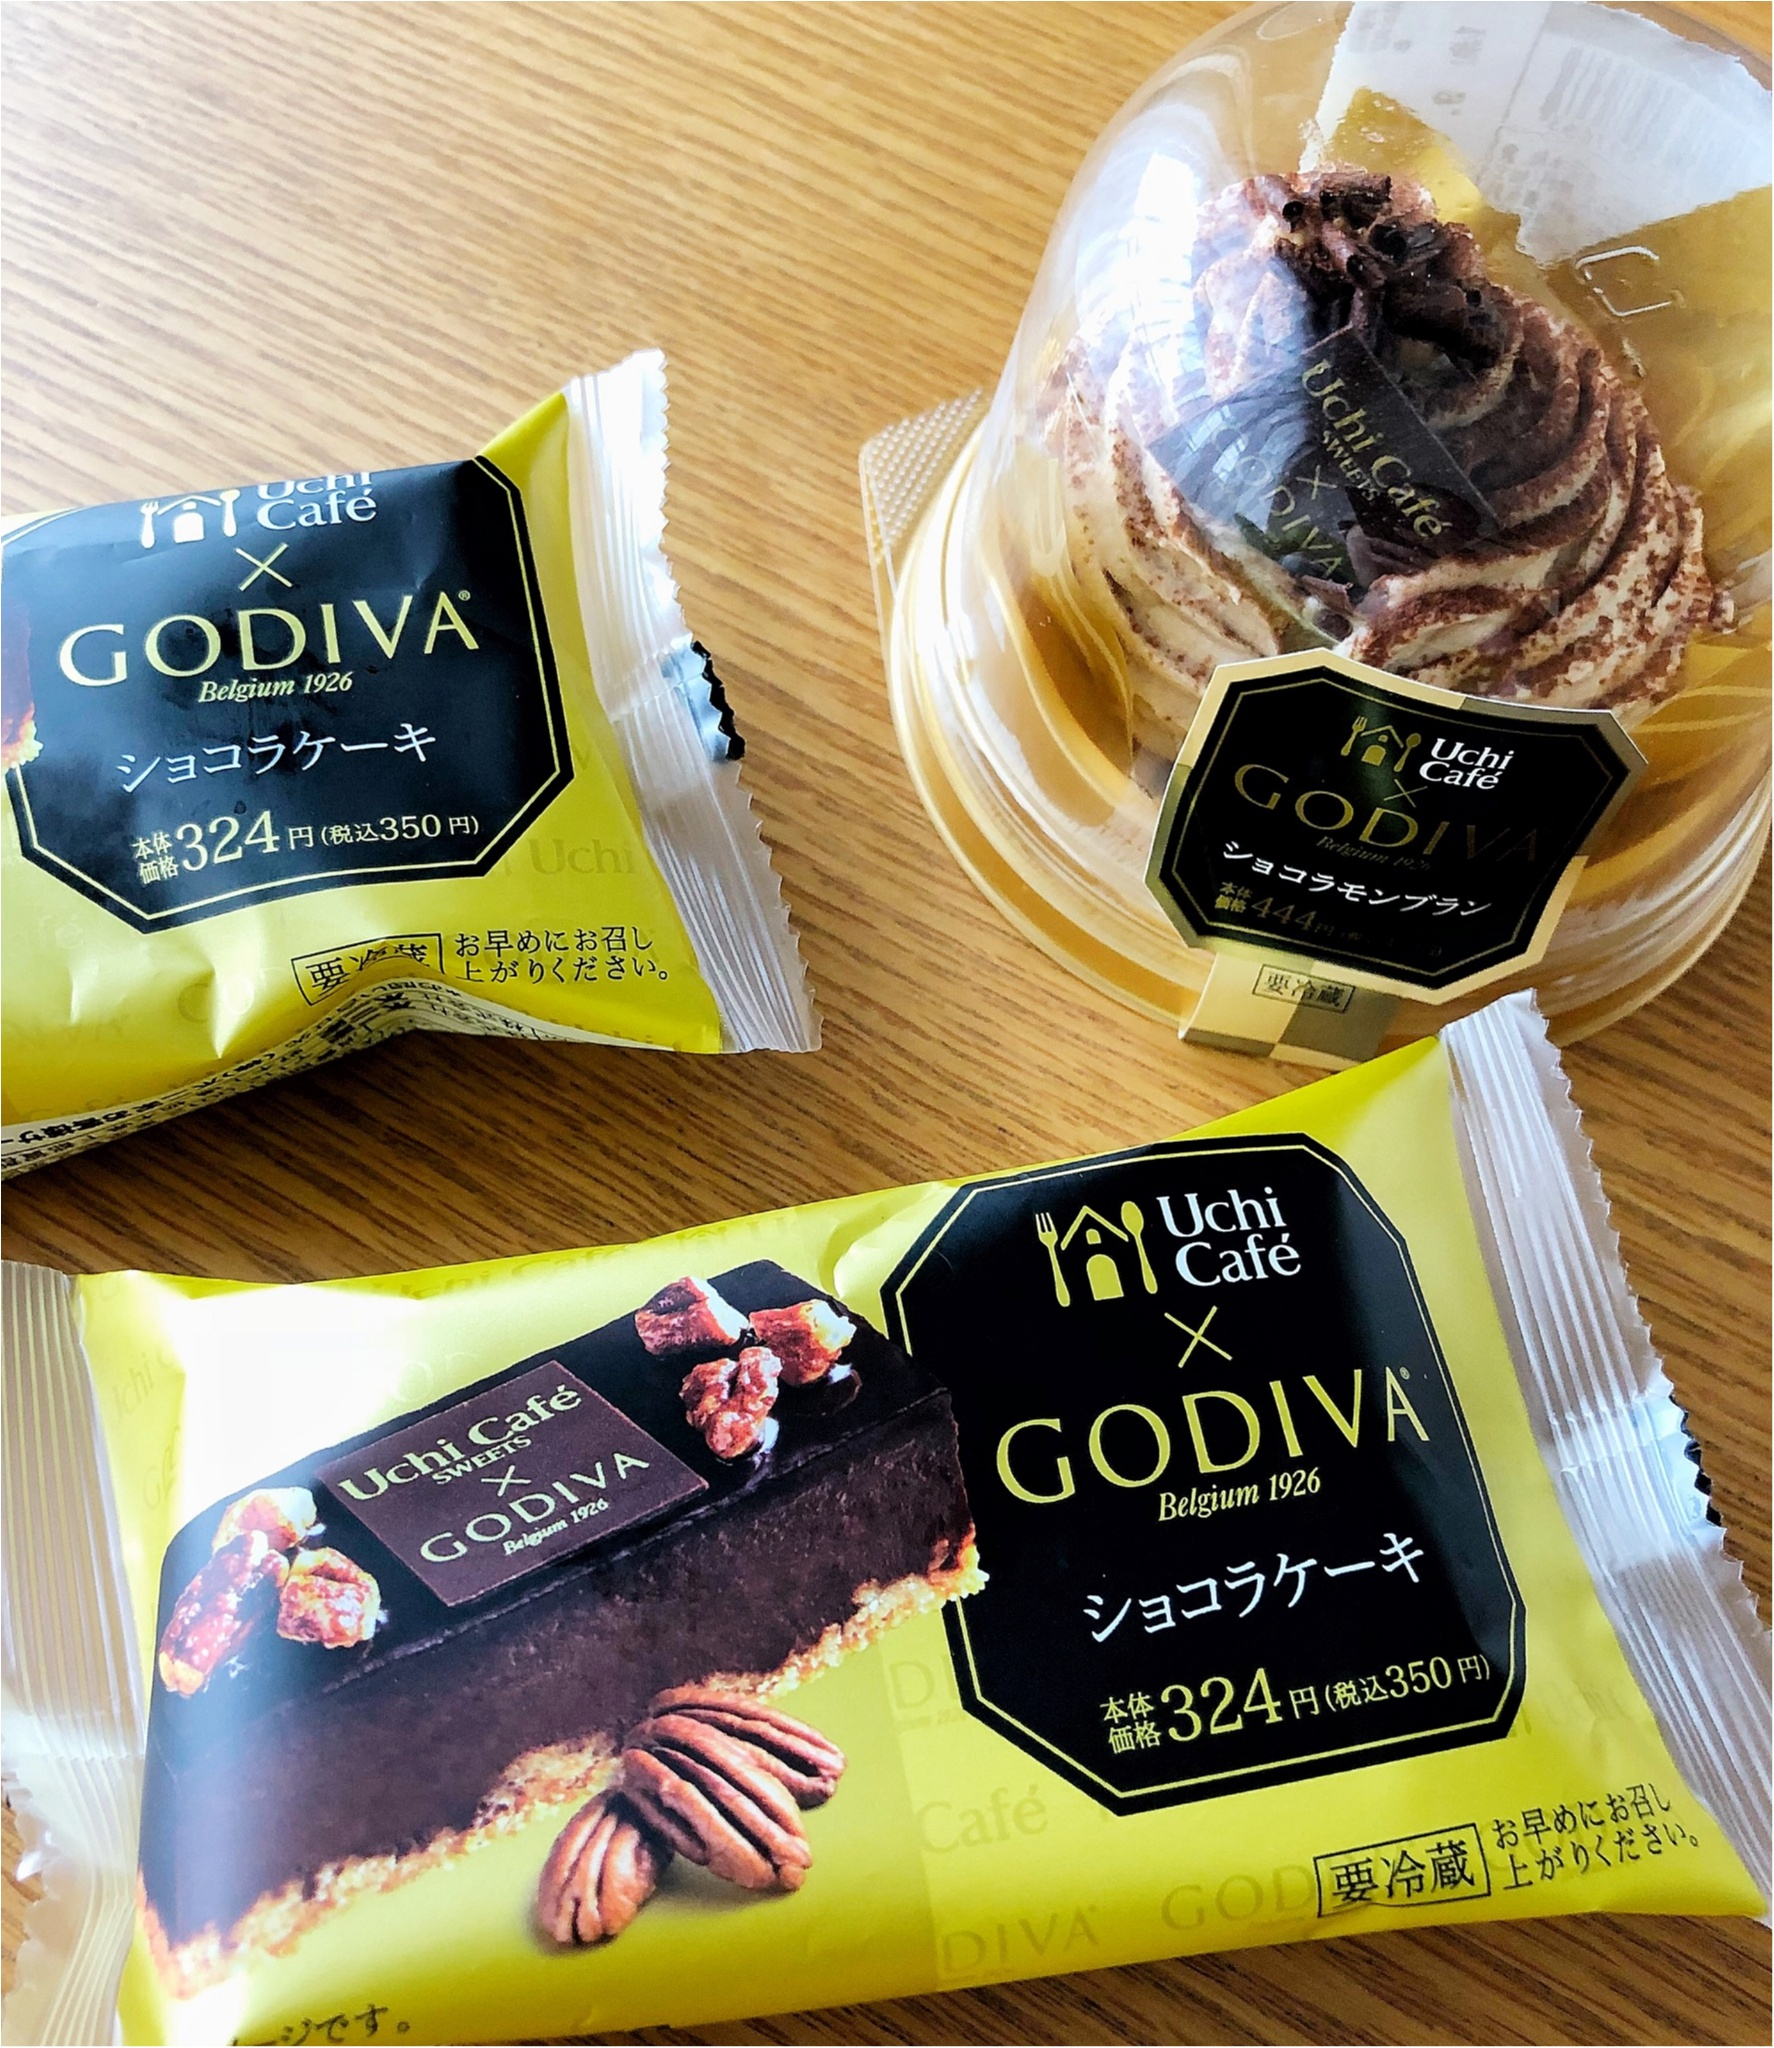 GODIVA × LAWSONのコラボが豪華すぎる♡濃厚チョコを堪能できるっ!_1